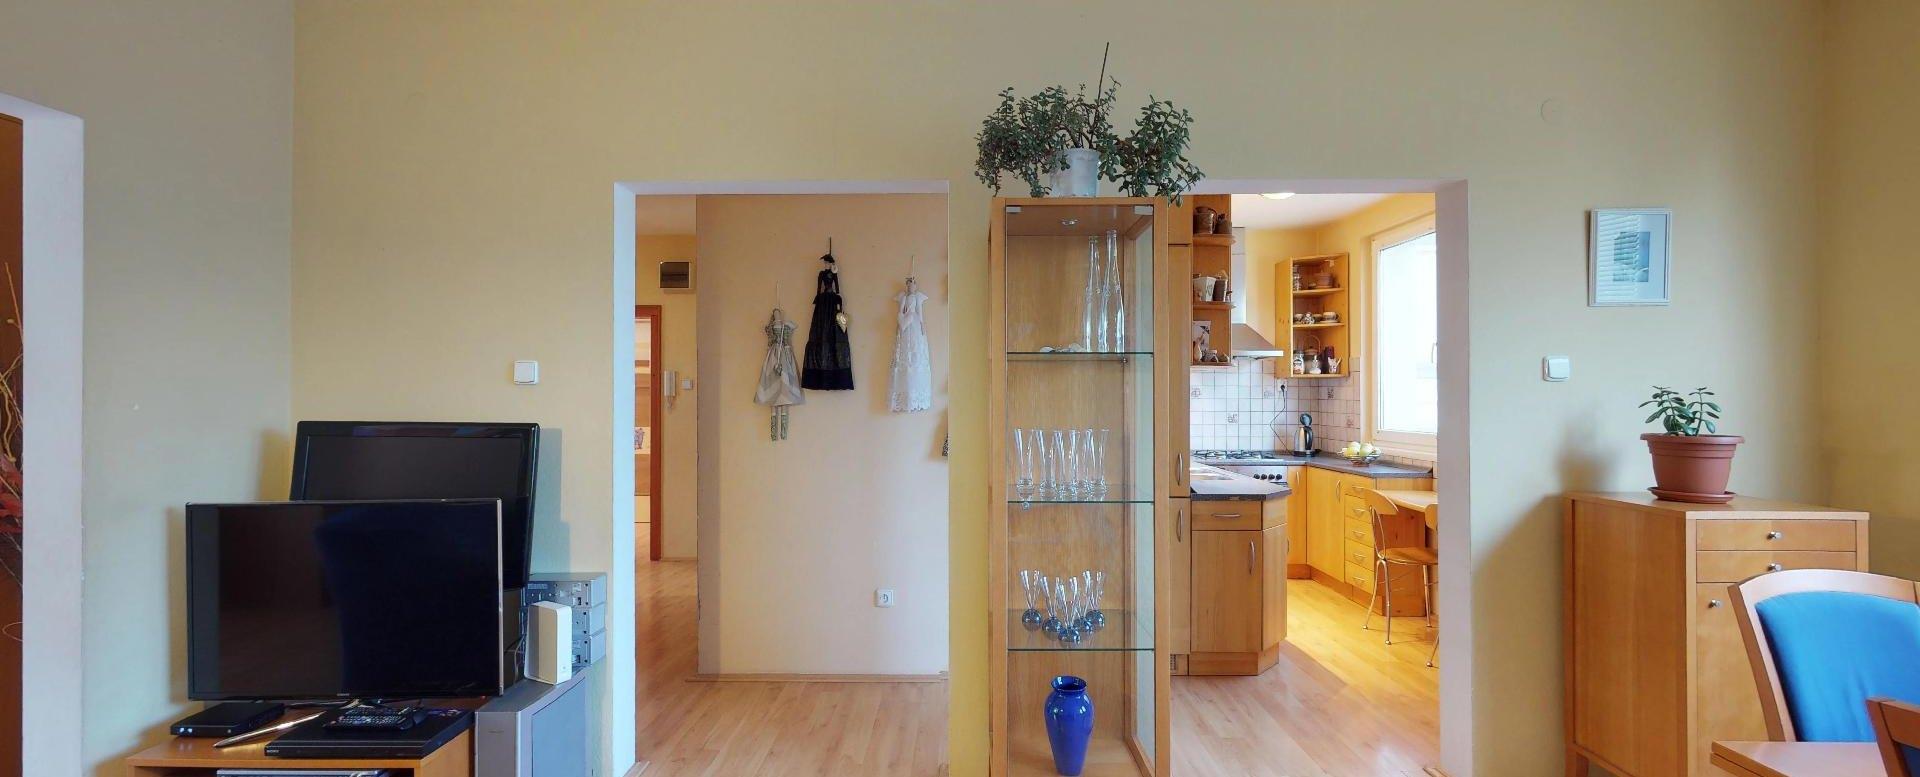 Pohľad do chodby a kuchyne